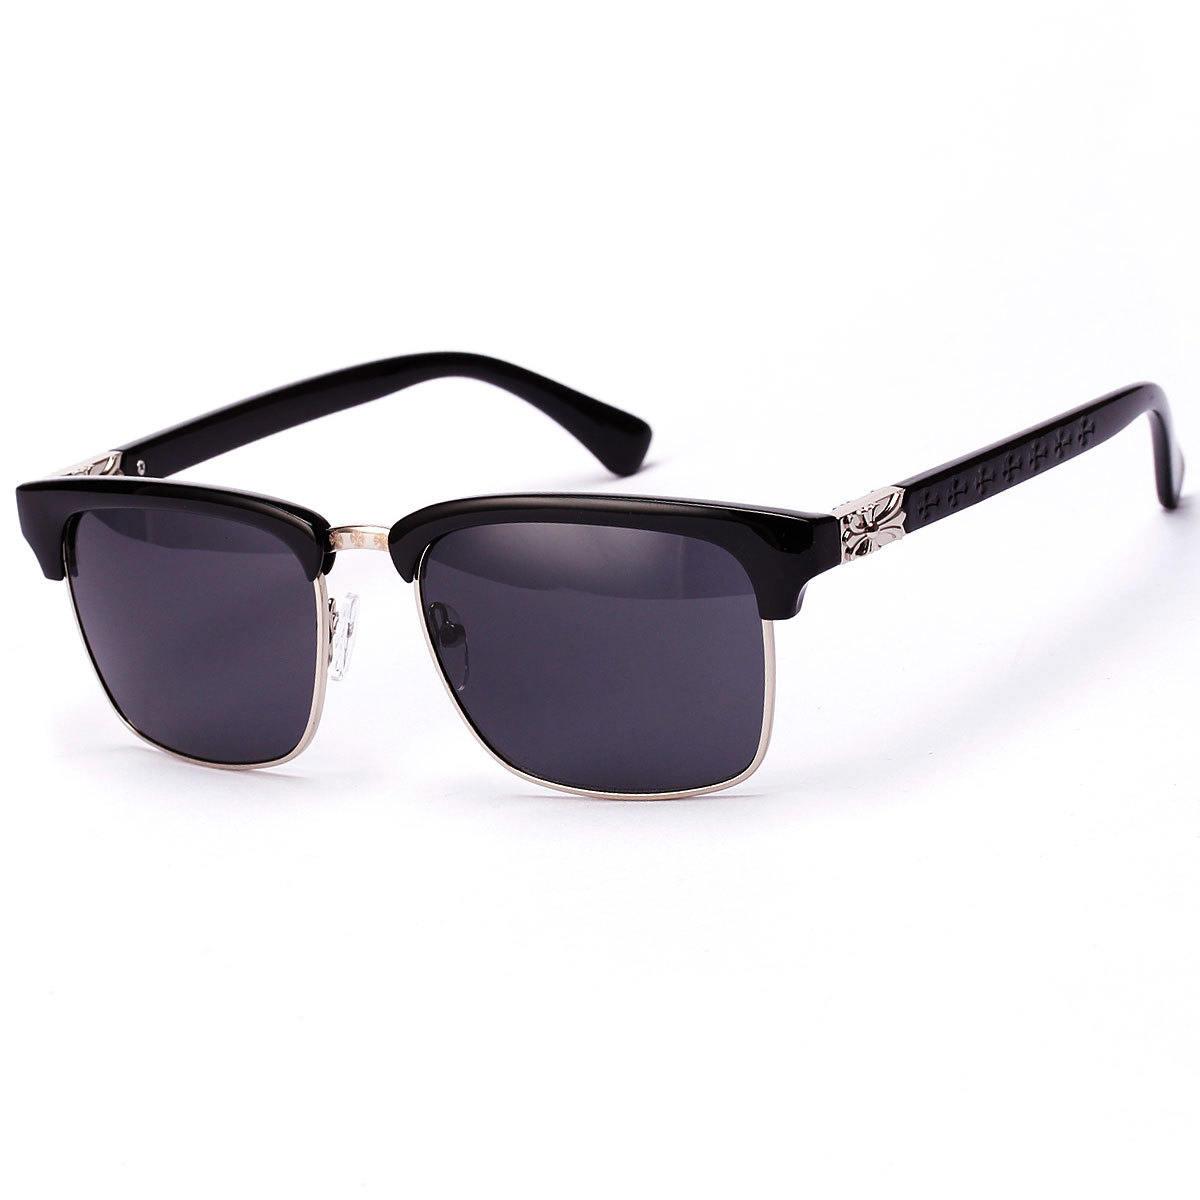 179963ef4f8 Lunette de soleil luxe 2015 - sp-lunettes.